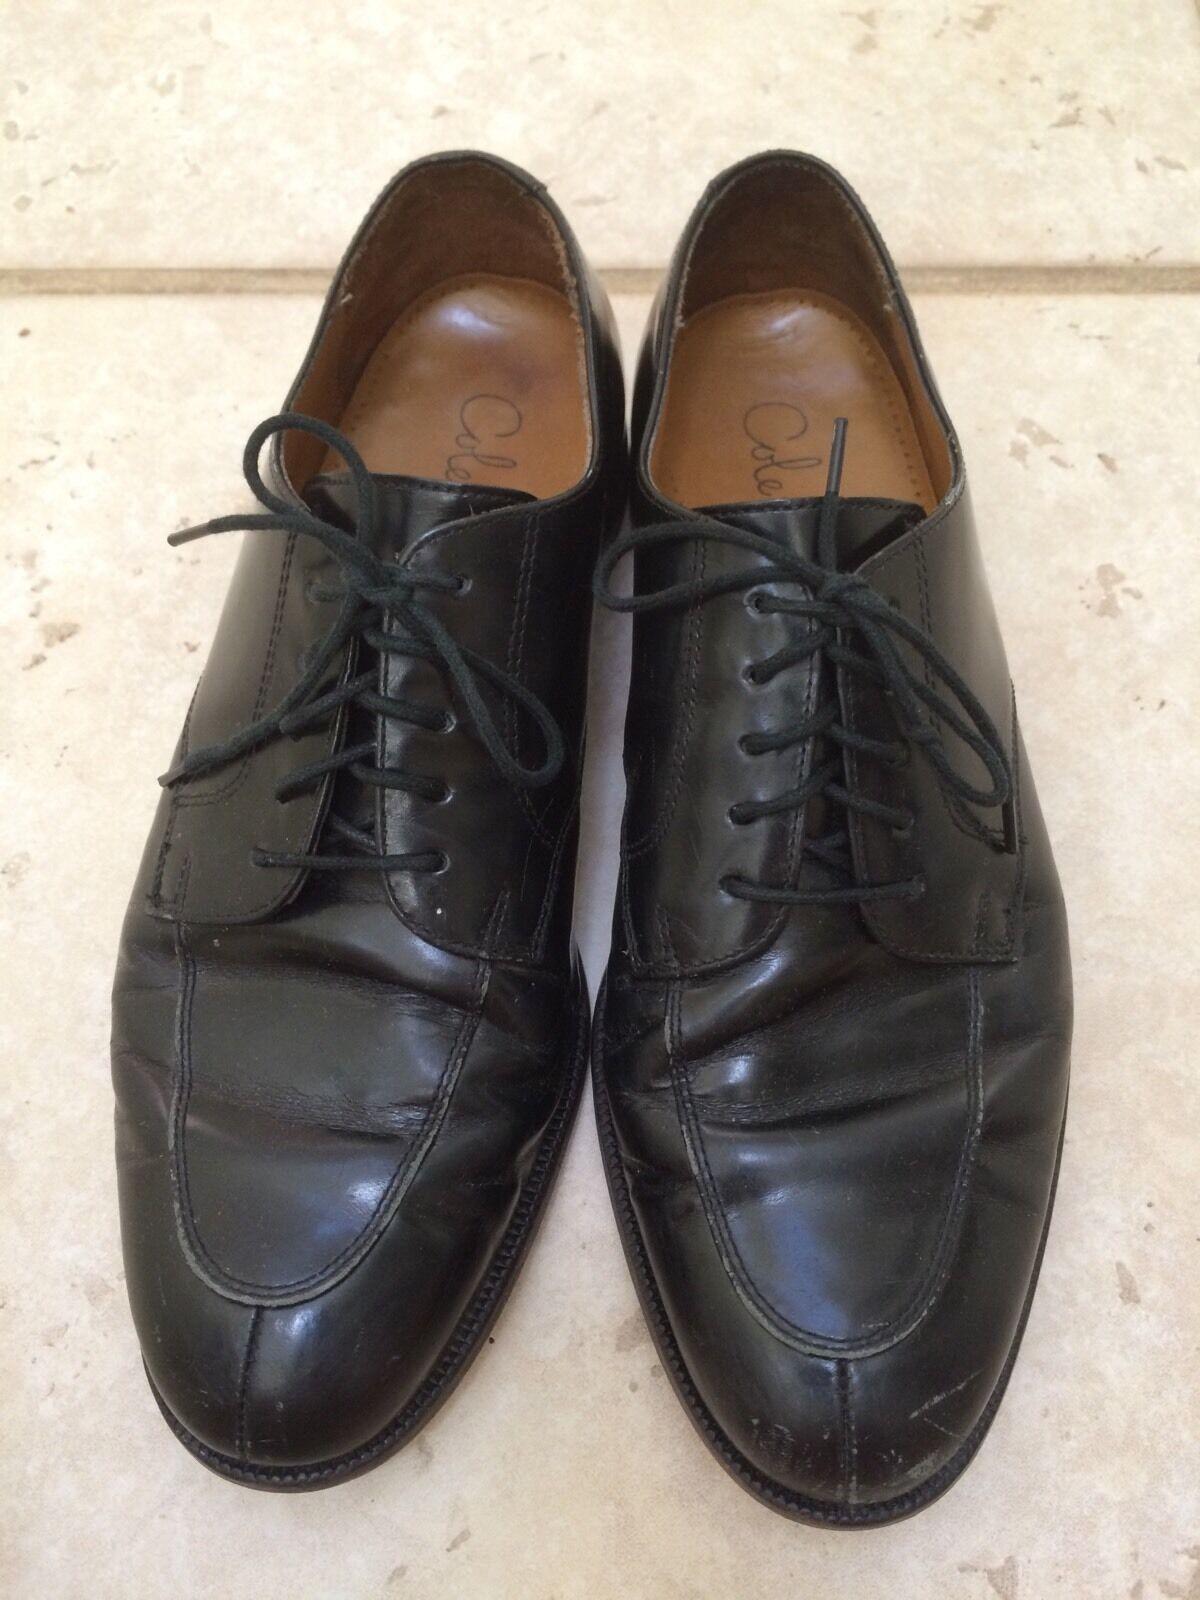 fino al 42% di sconto Cole Haan nero Leather Oxfords scarpe Split Apron Uomo Sz Sz Sz 9.5 D Brazil Orig  149  consegna rapida